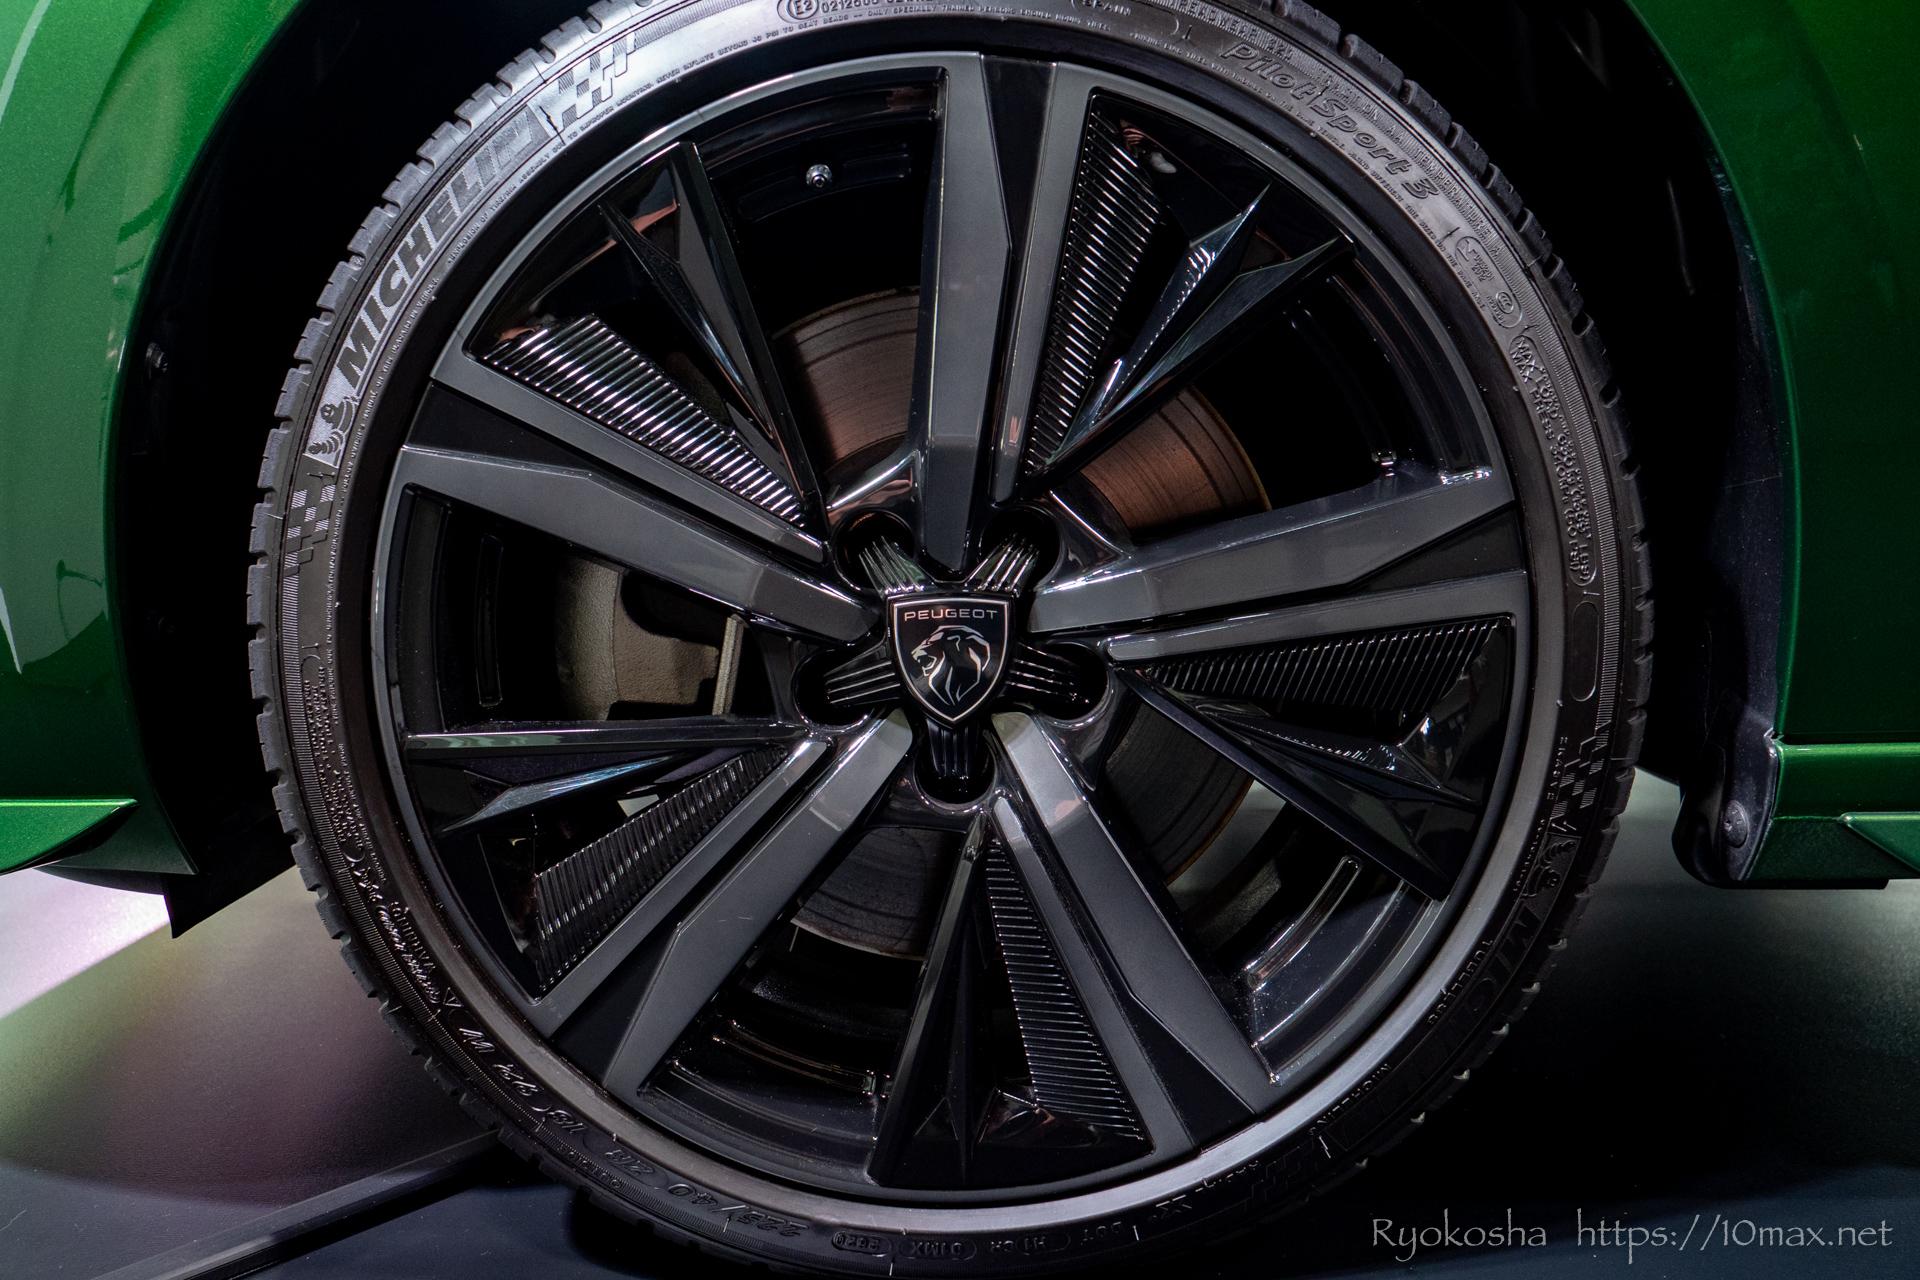 プジョー 308 新型 LION EXPERIENCE 2021 六本木ヒルズ 実車 写真 ホイールキャップ